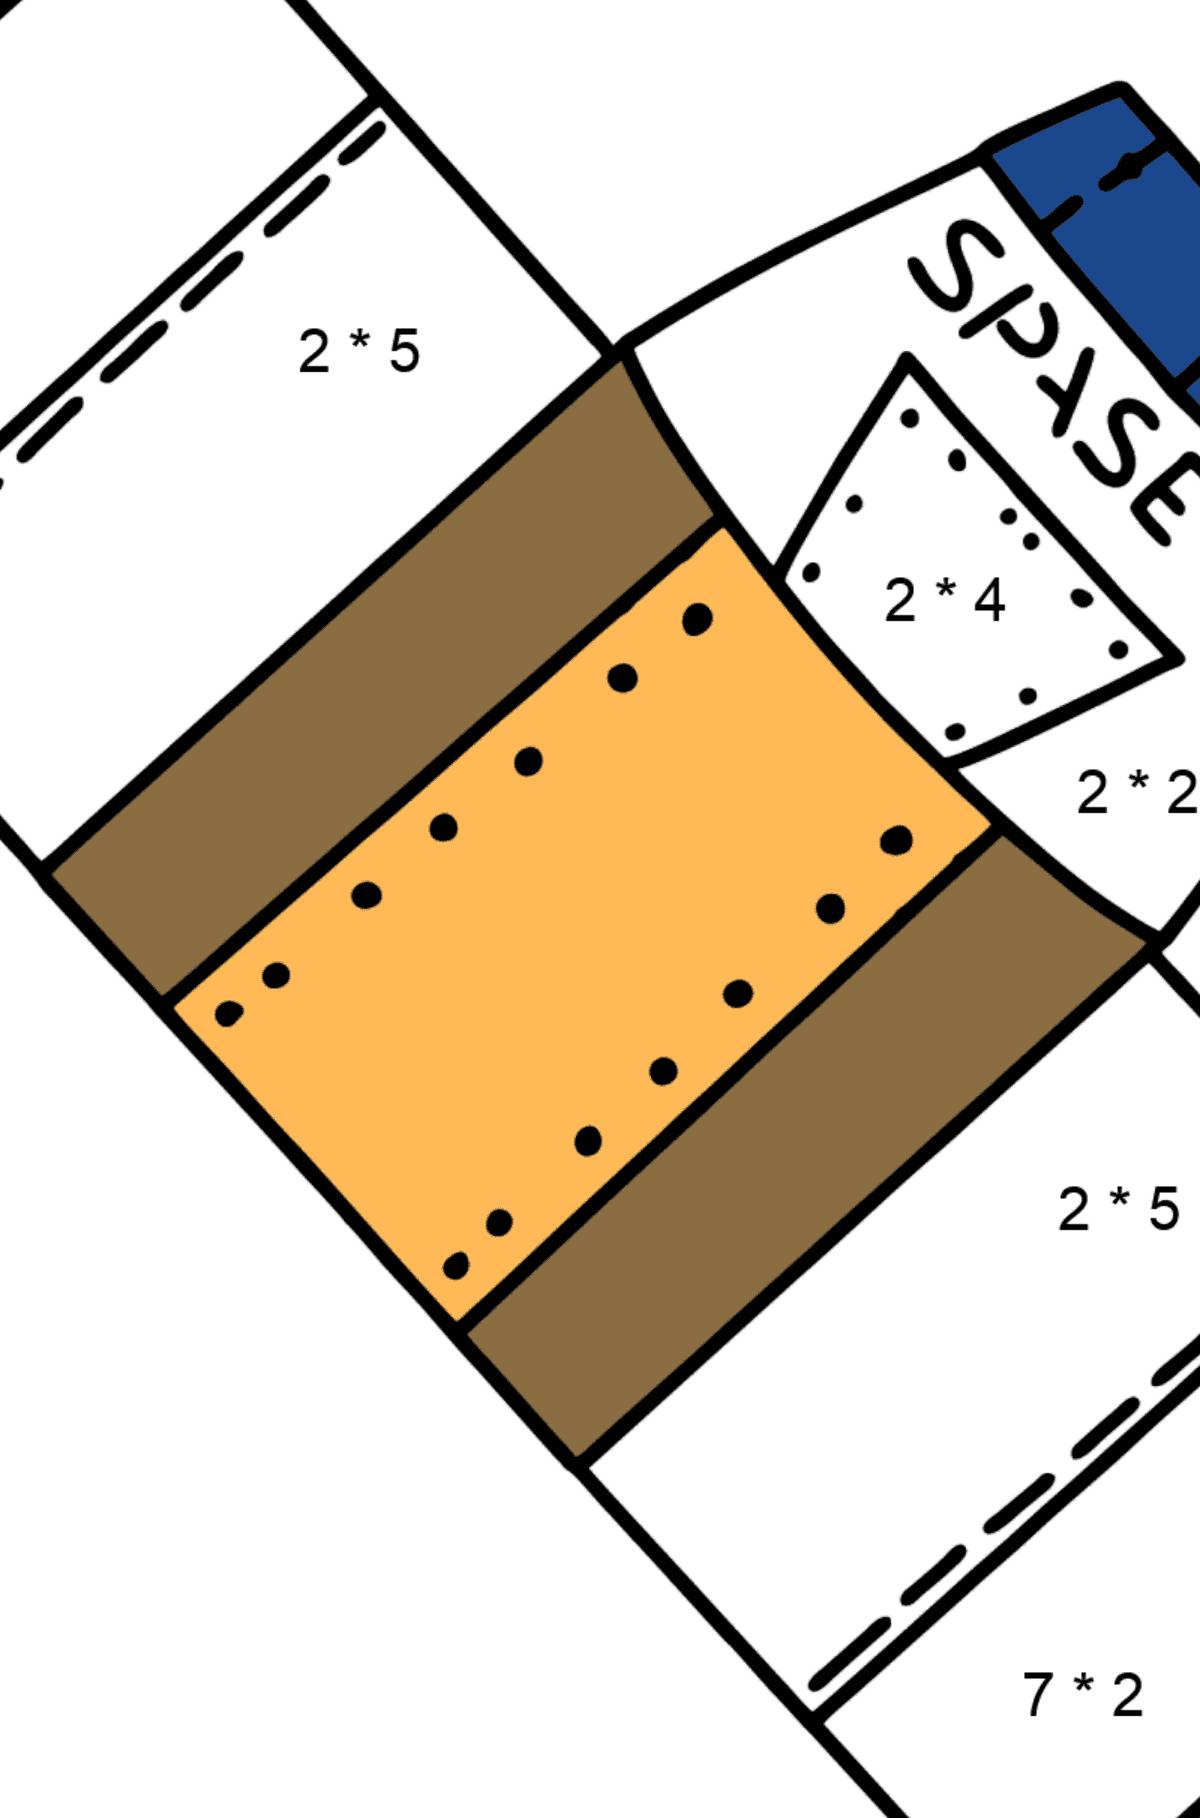 Раскраска спутник - Математическая Раскраска - Умножение для Детей